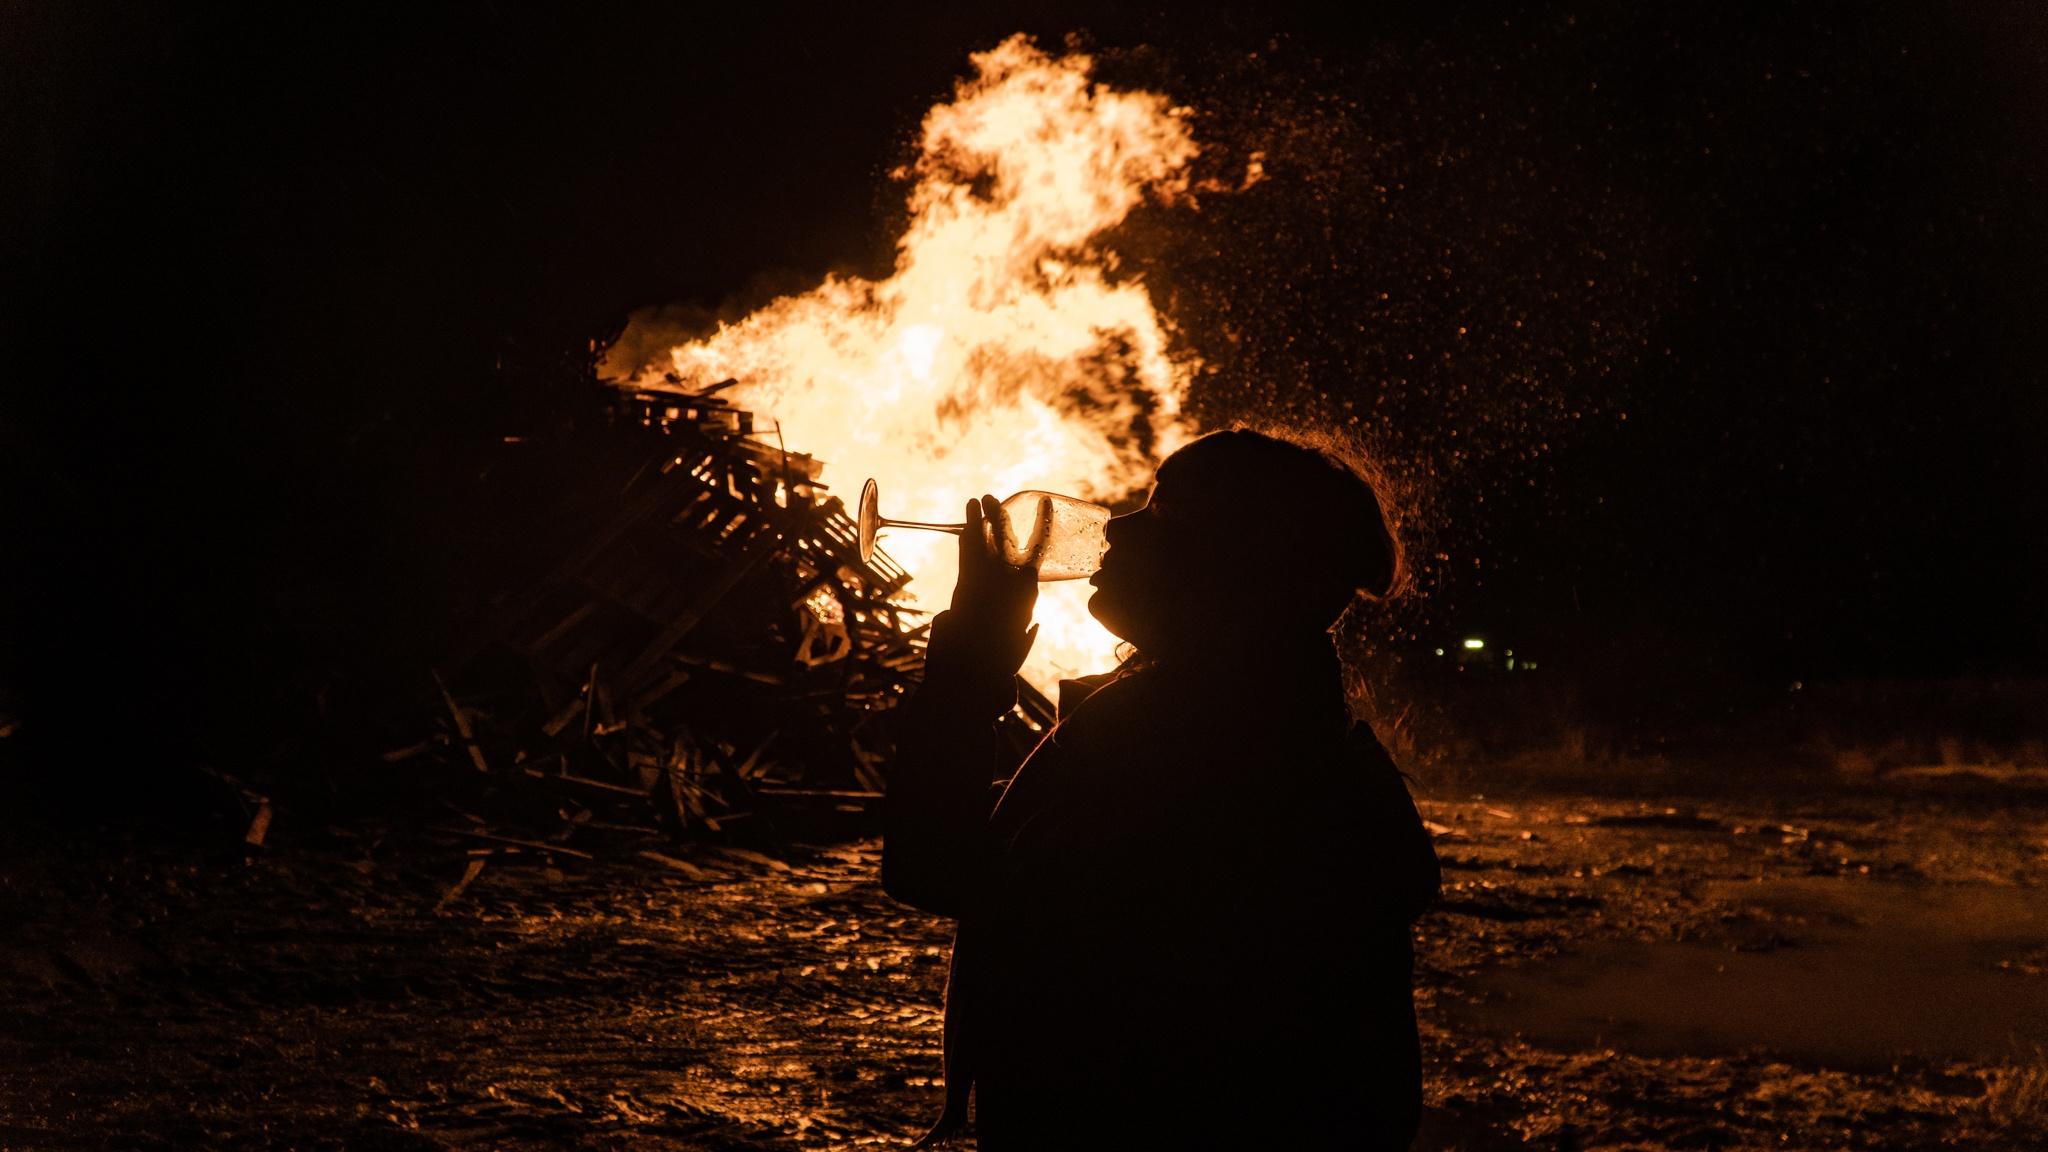 Sylwester w Reykjaviku: Noworoczne ogniska, Áramótaskaup i Fajerwerkowy szał